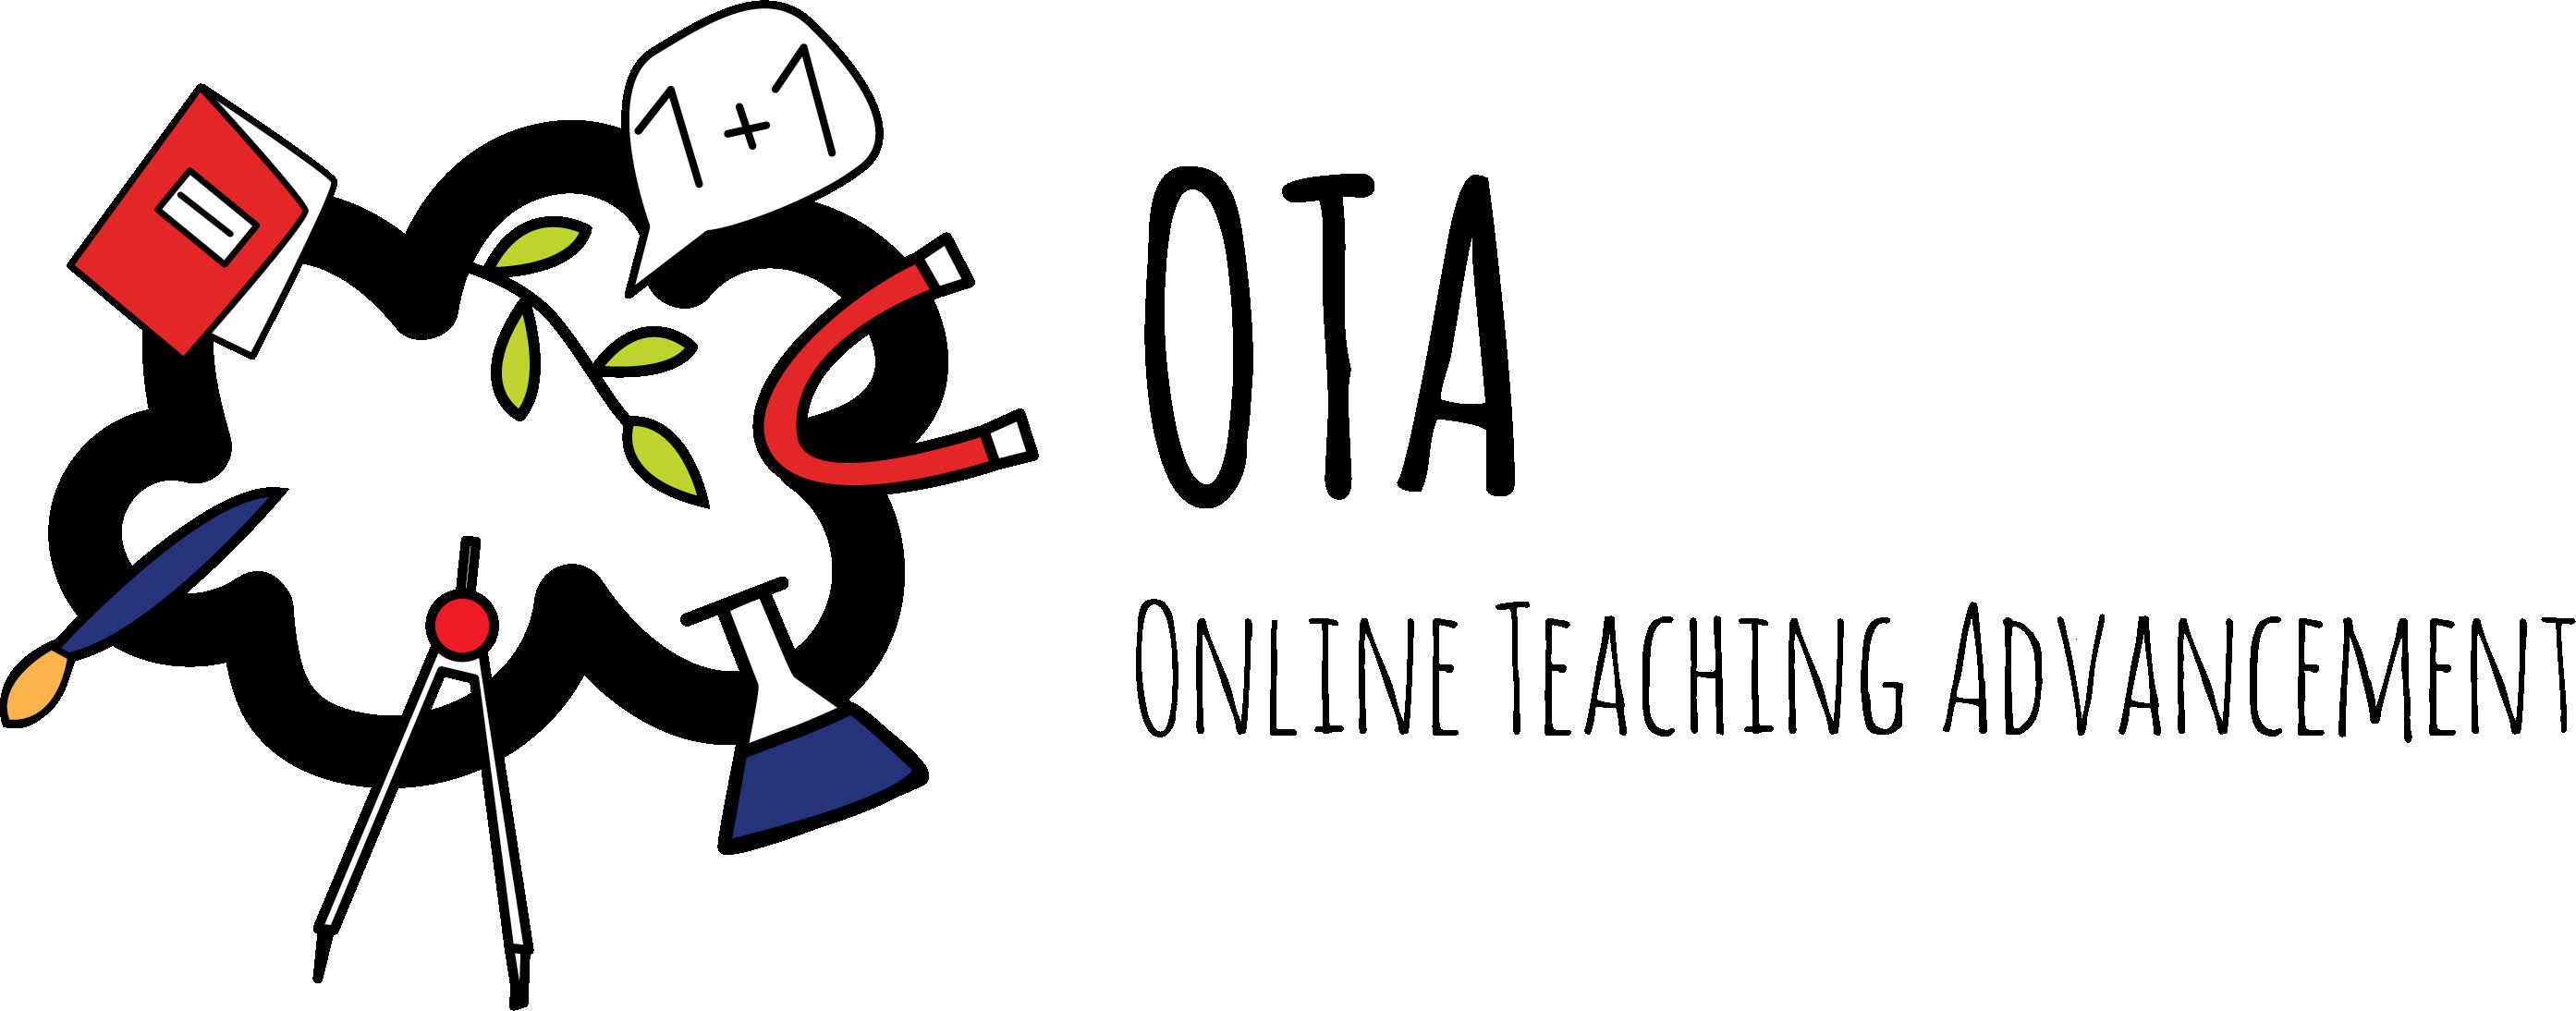 Online Teaching Advancement